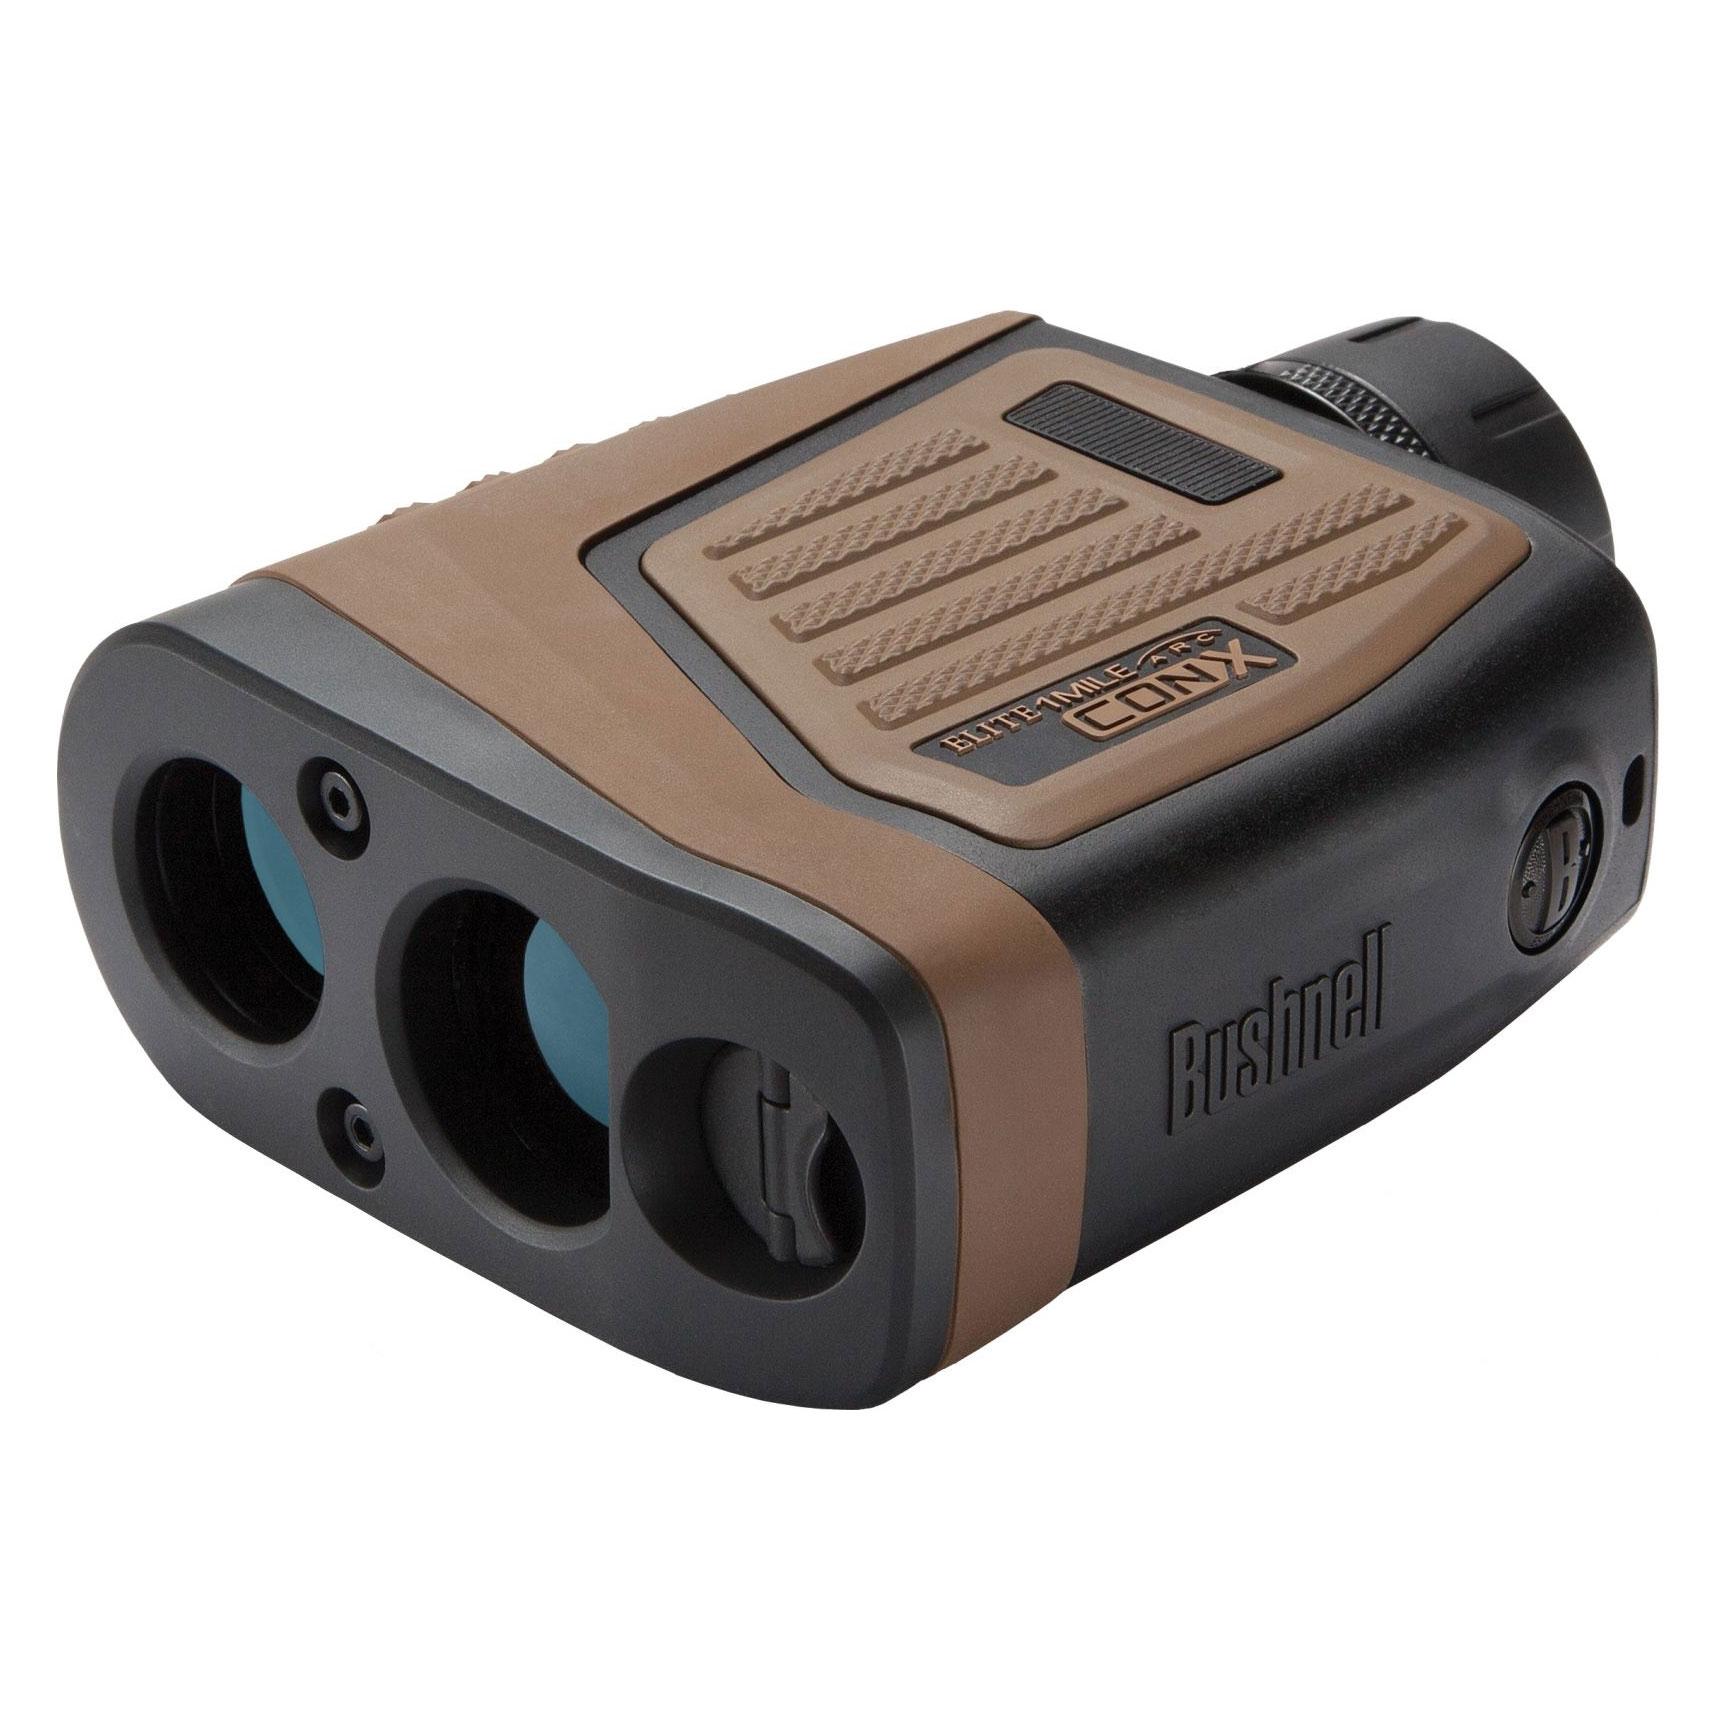 Bushnell 7 x 26mm Elite CONX Shooting Laser Range Finder (Certified Refurbished)